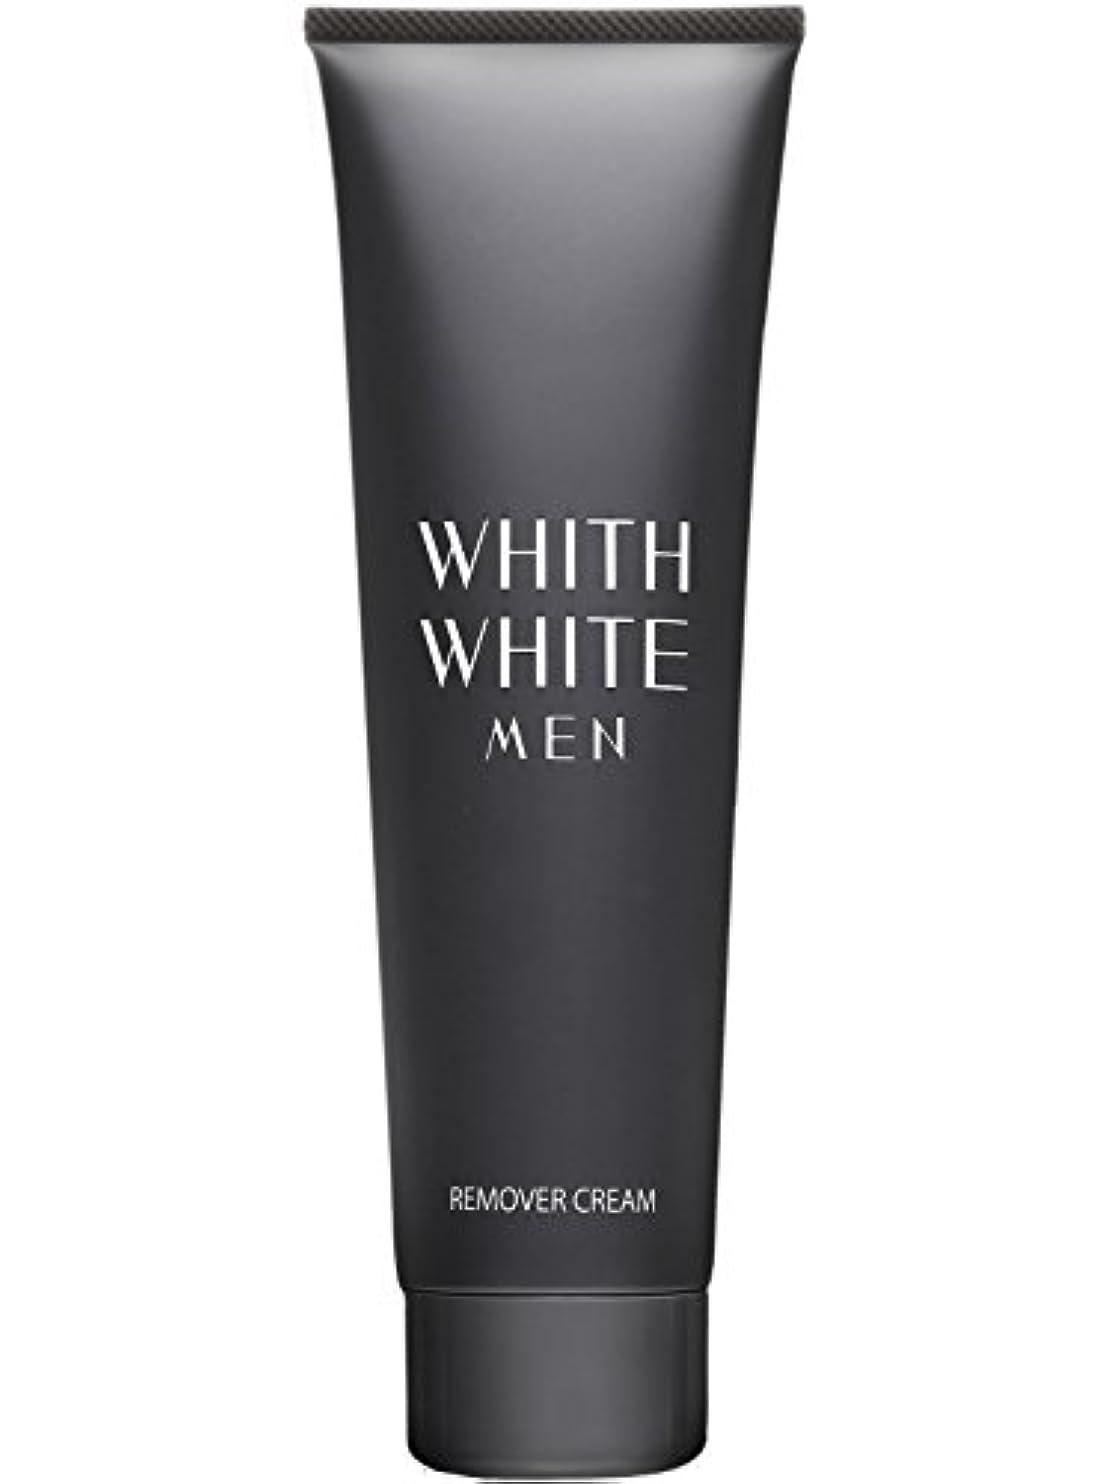 平野同一の戦闘医薬部外品 フィス ホワイト メンズ 除毛クリーム リムーバークリーム 陰部 使用可能 210g